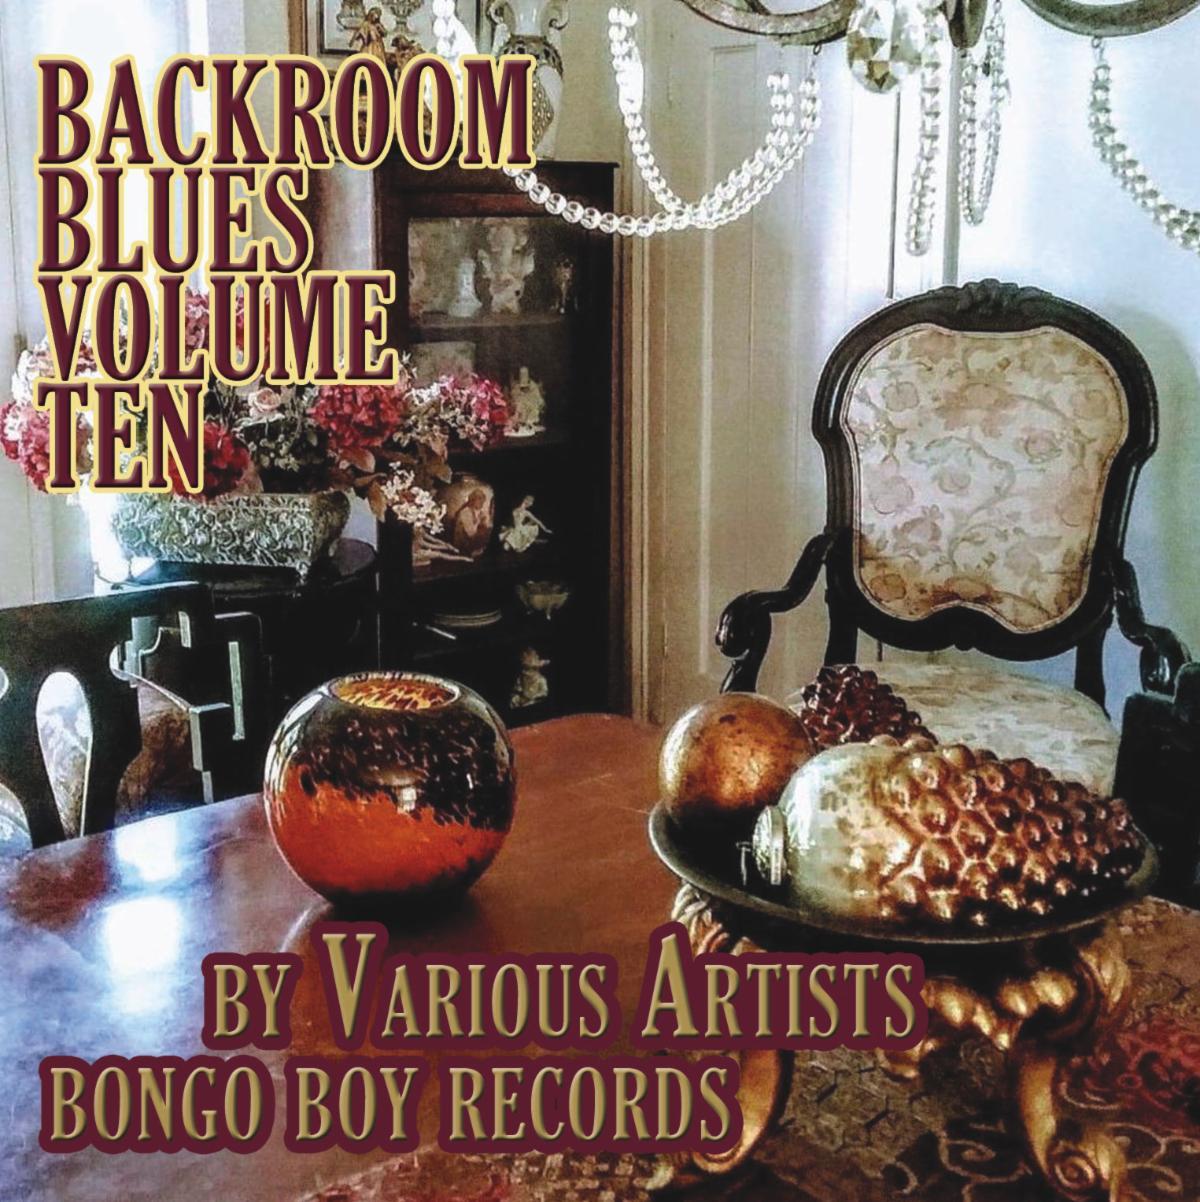 Various Artists - Bongo Boy Records Backroom Blues Volume Ten